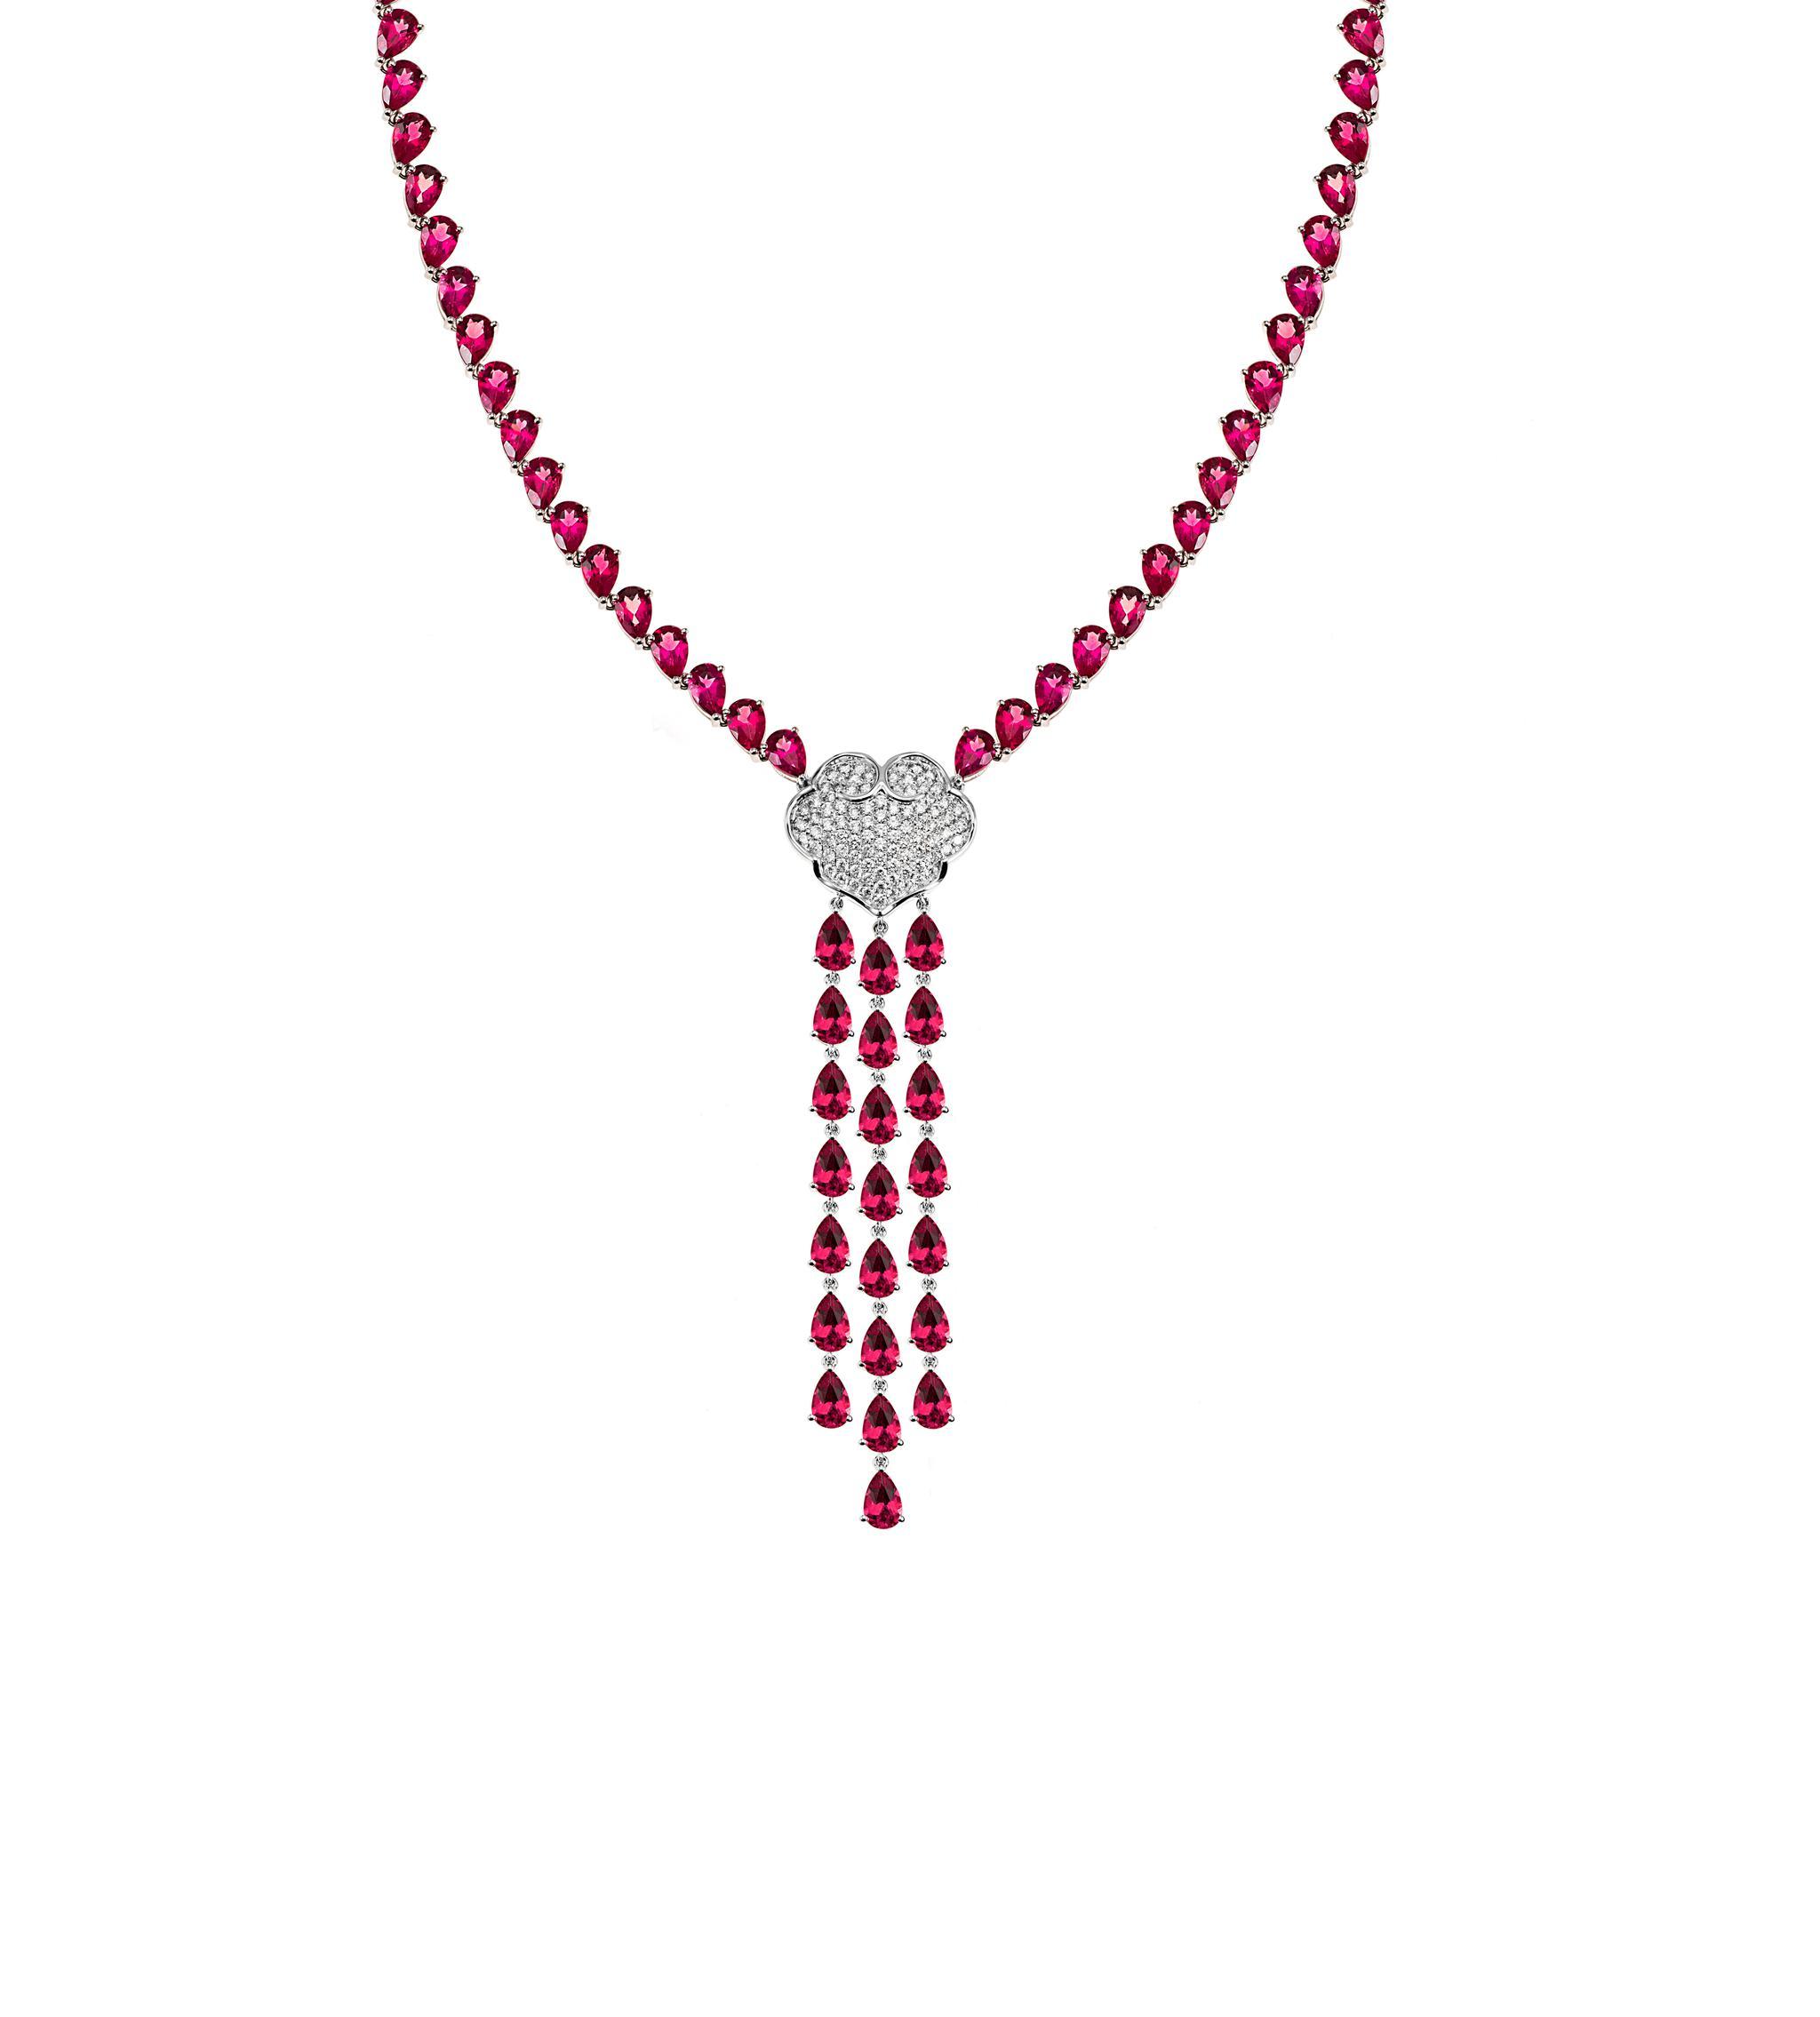 故宫宫廷文化 x ENZO 如意系列 18K金镶红碧玺及钻石项链